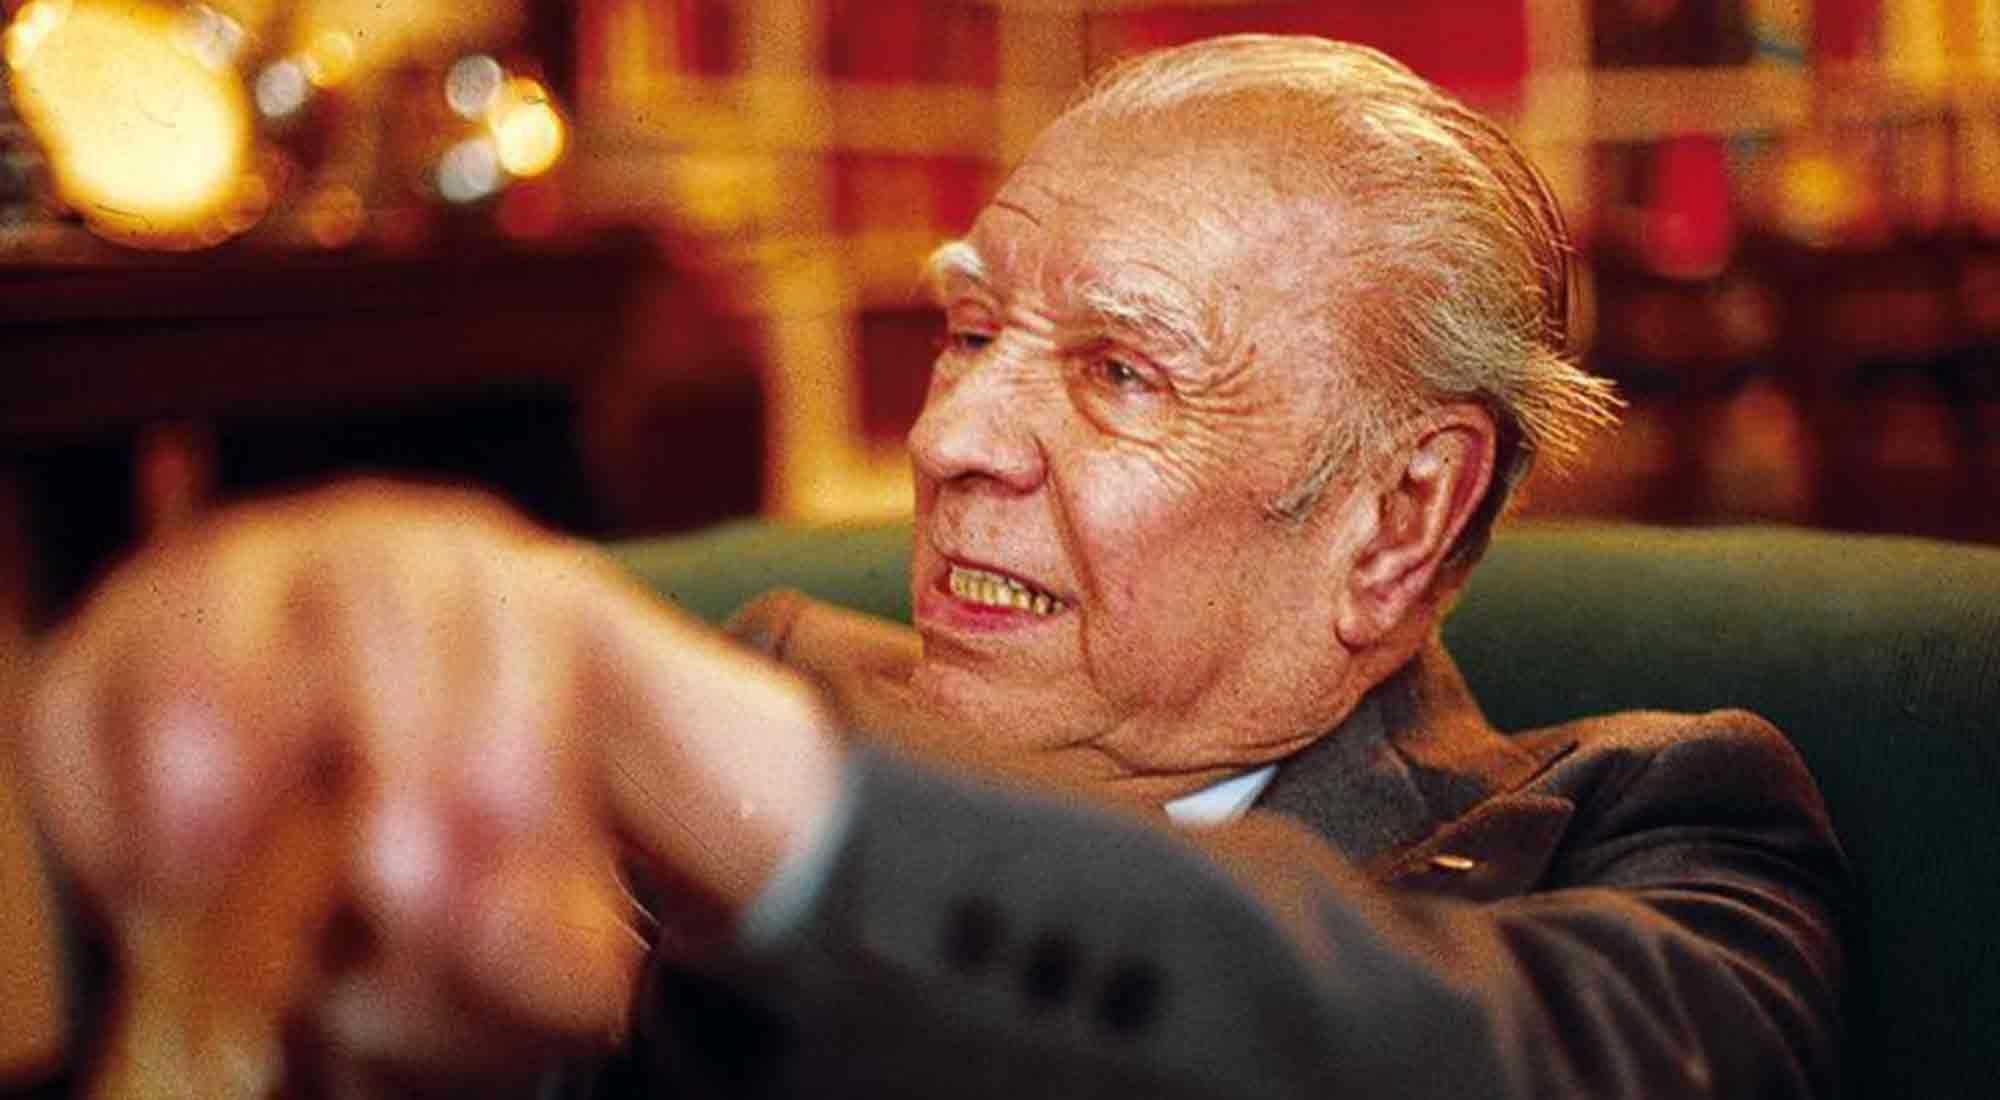 Jorge Luis Borges (Buenos Aires, 1899 - Ginebra, 1986), uno de los autores más destacados de la literatura del siglo XX.